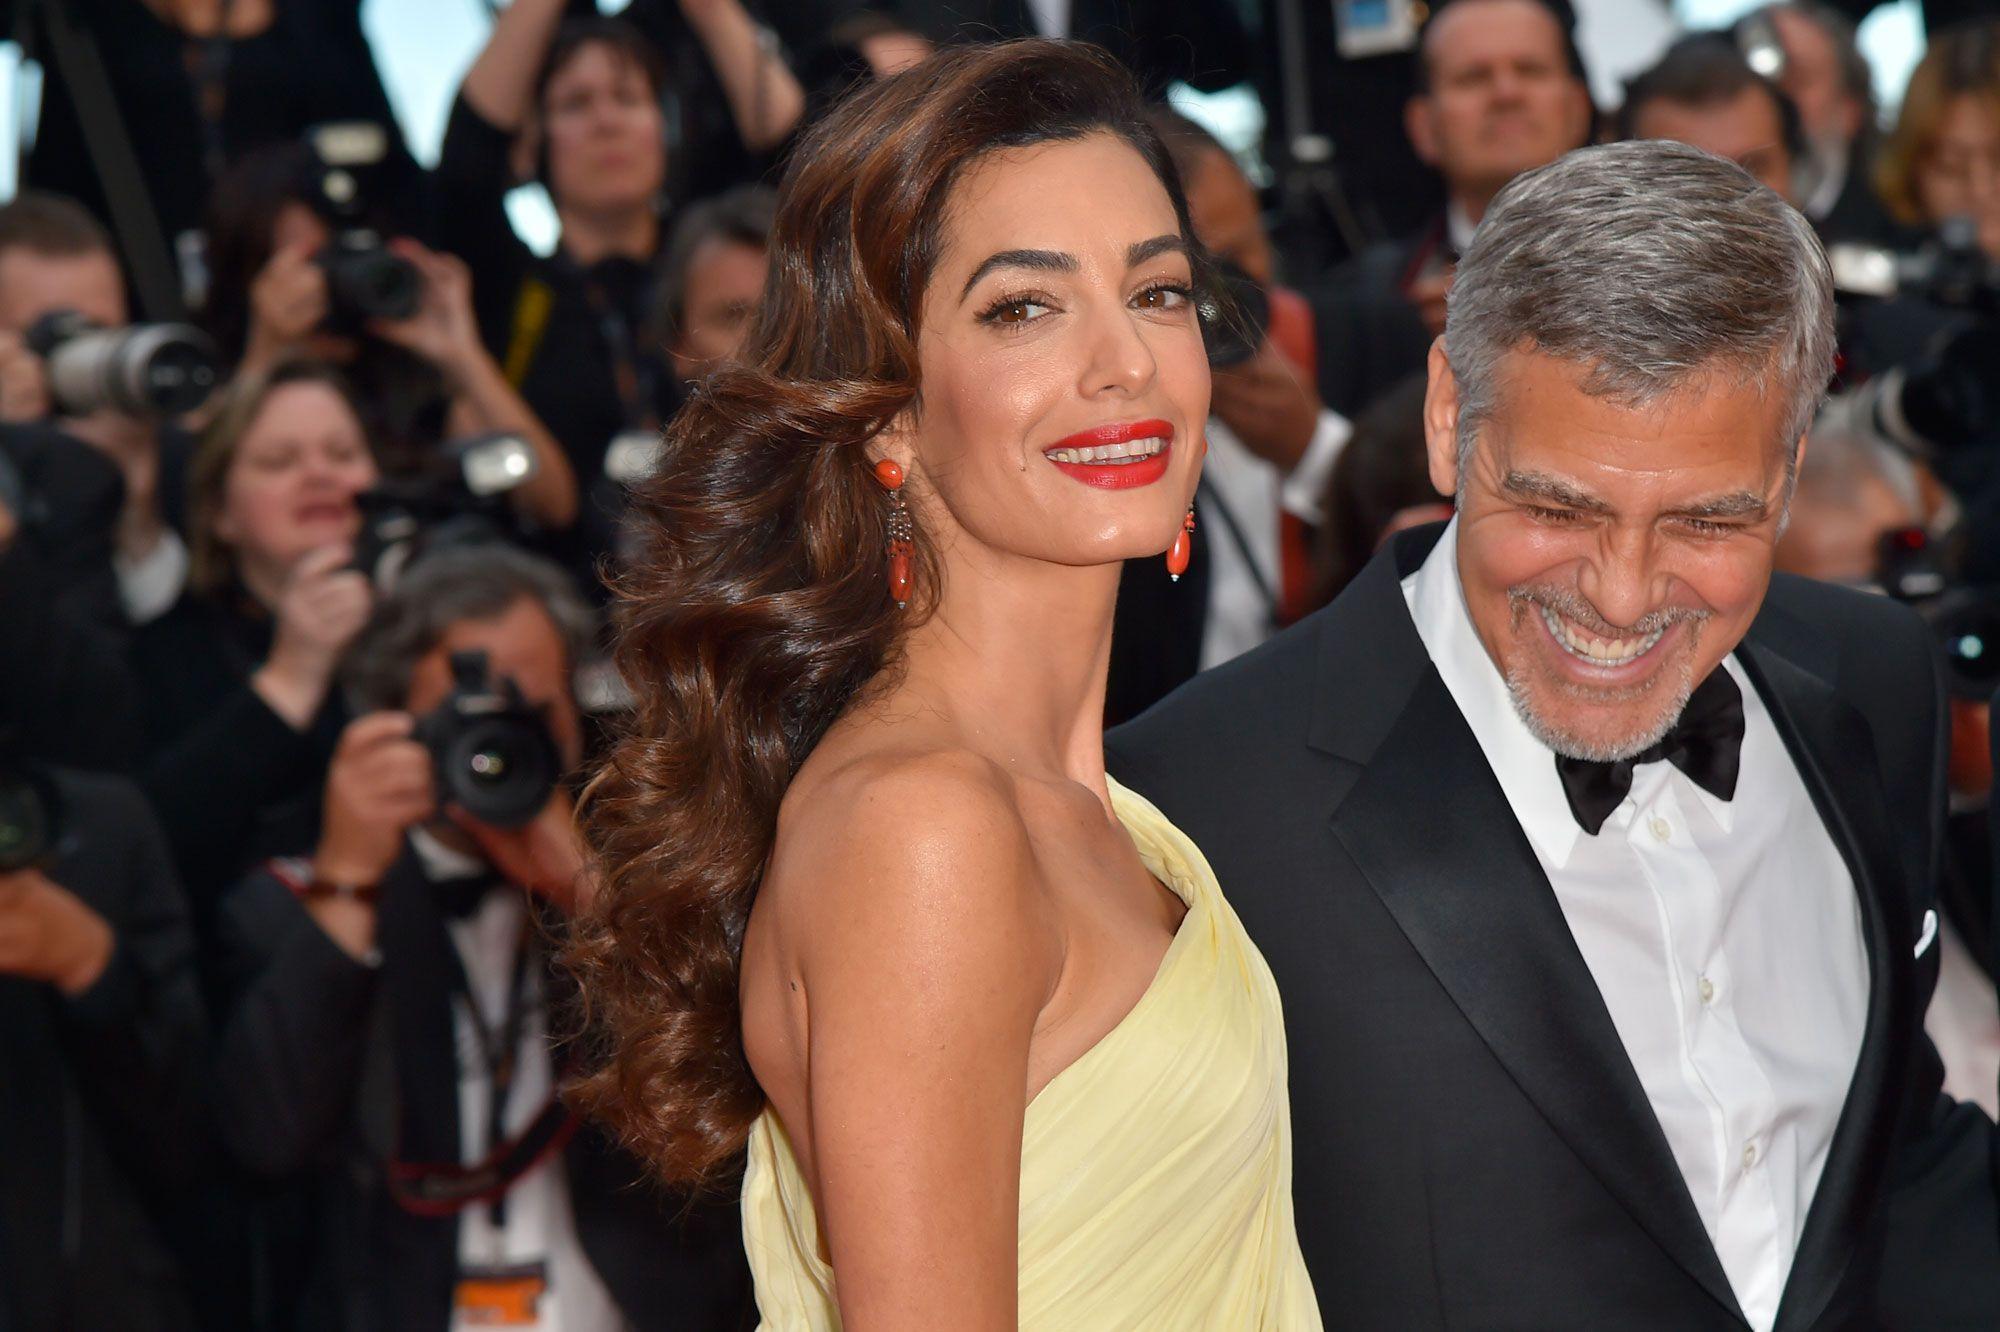 datation histoire George Clooney première date pour le site de rencontre